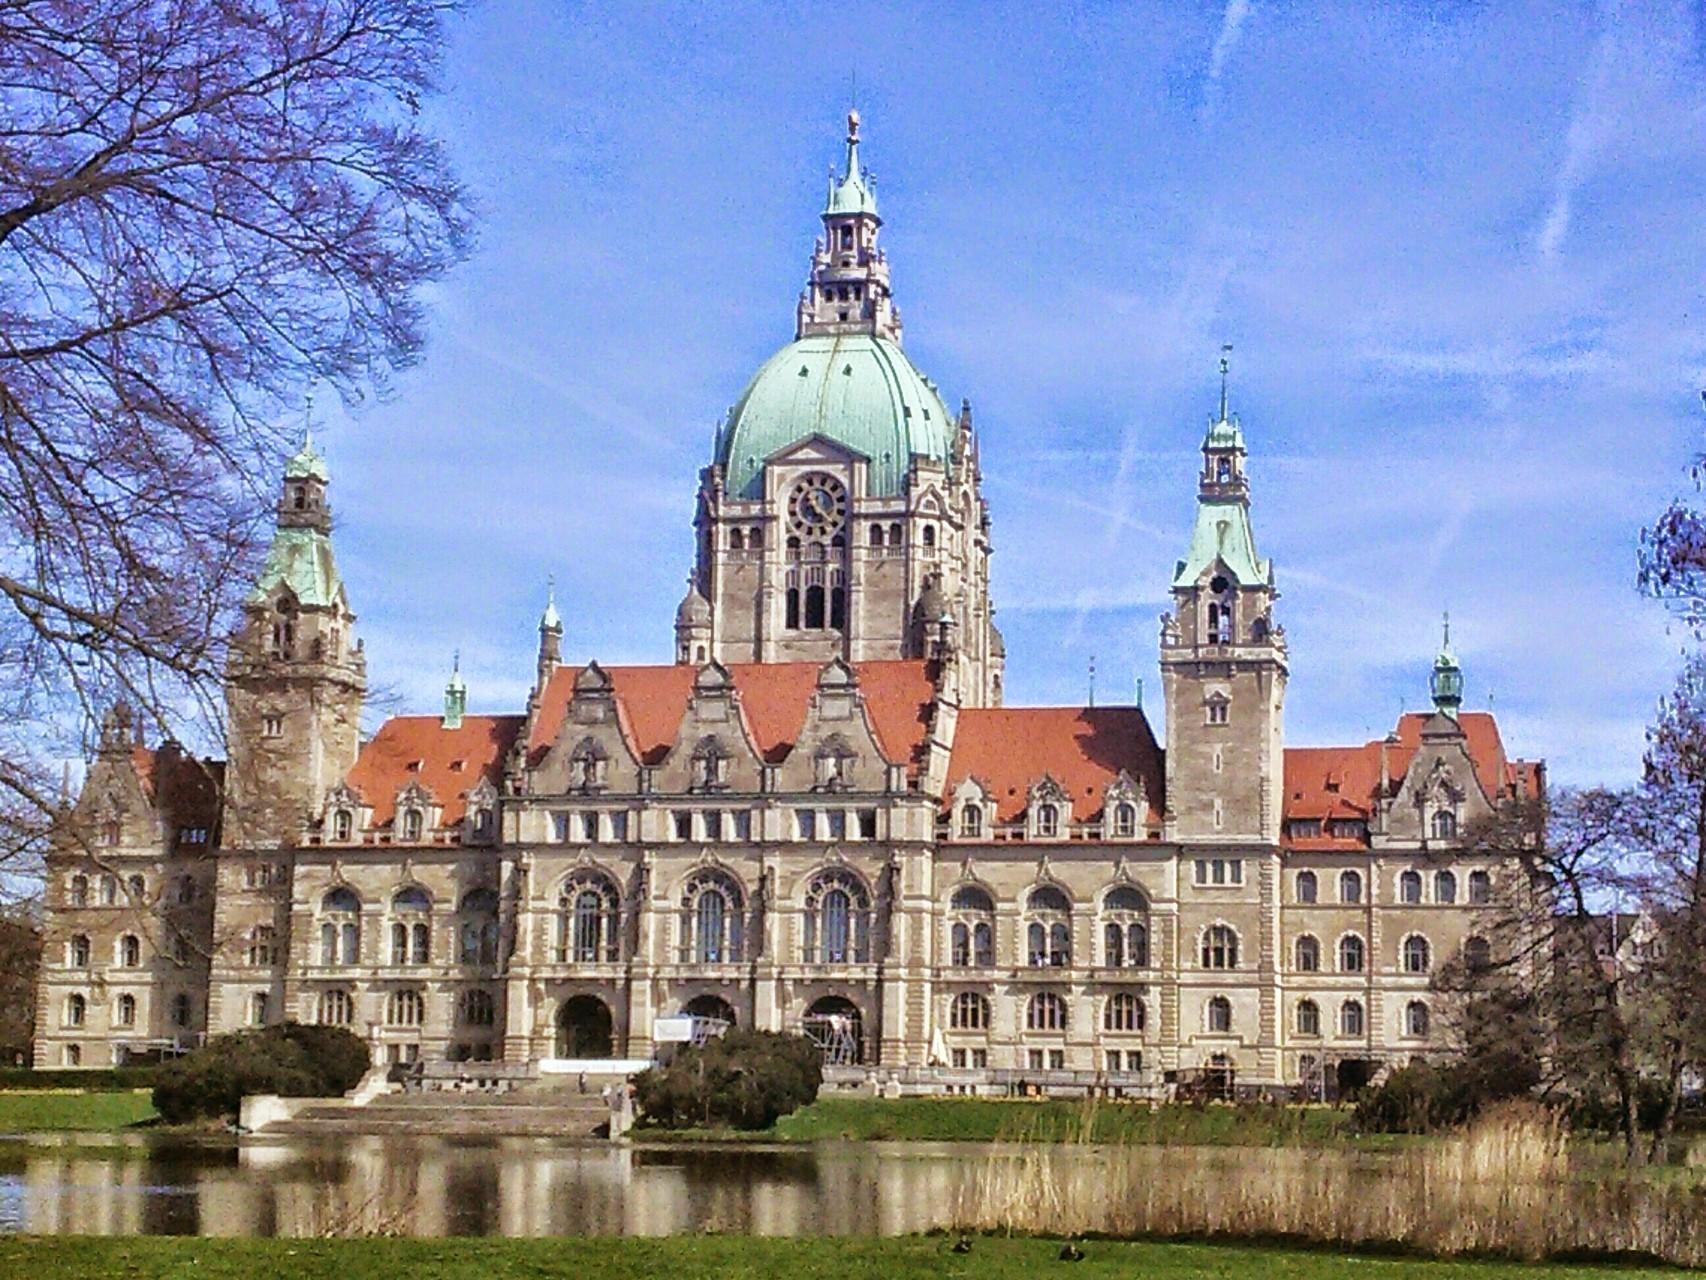 Neues Rathaus Hannover Rückansicht 3